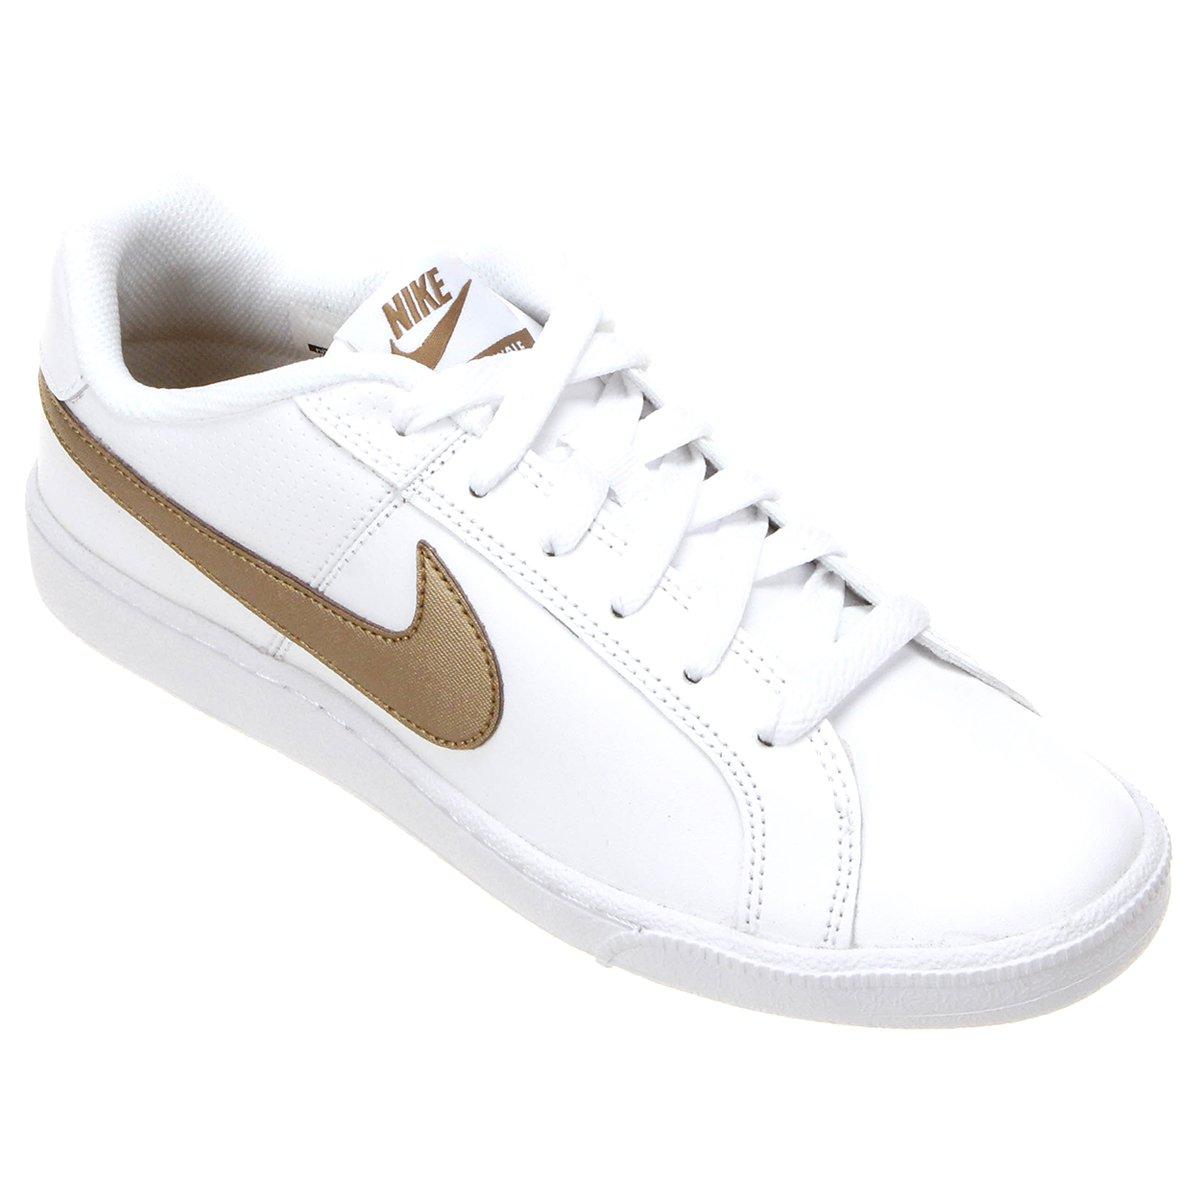 bff505bf087 Tênis Couro Nike Court Royale Feminino - Branco e dourado - Compre Agora